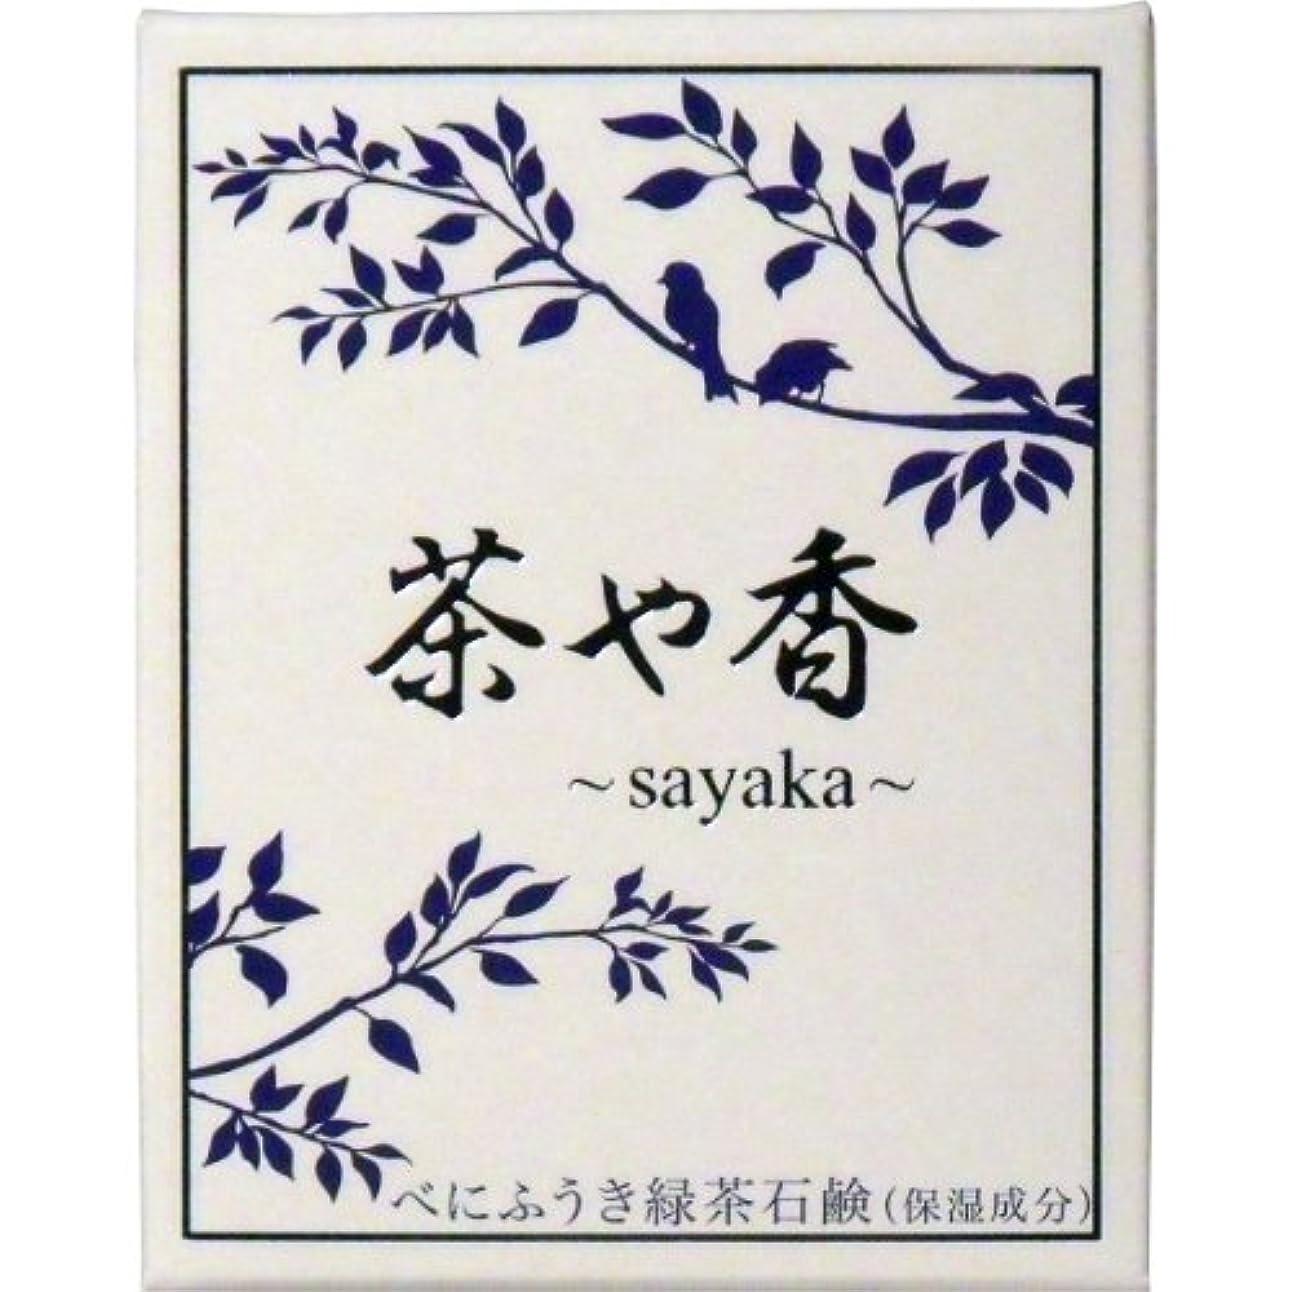 くつろぐ課税費やす茶や香 -sayaka- べにふうき緑茶石鹸 100g入 ×5個セット